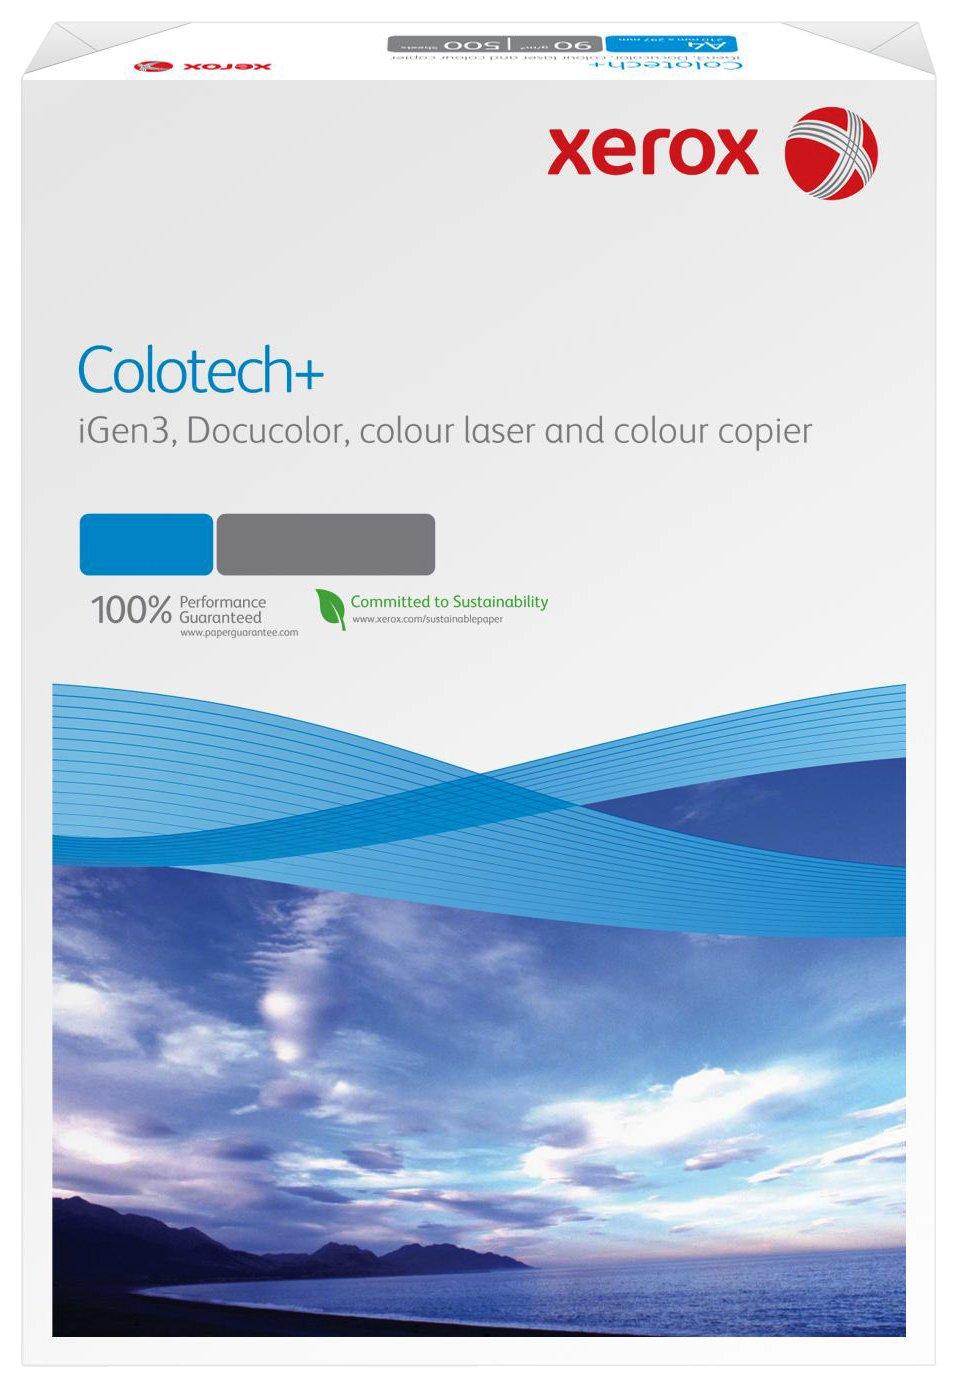 Xerox Colour Tech 003R95840 - Risma di carta per stampante laser/fotocopiatrice a colori, SRA3, 120 g/m², 250 fogli, colore bianco